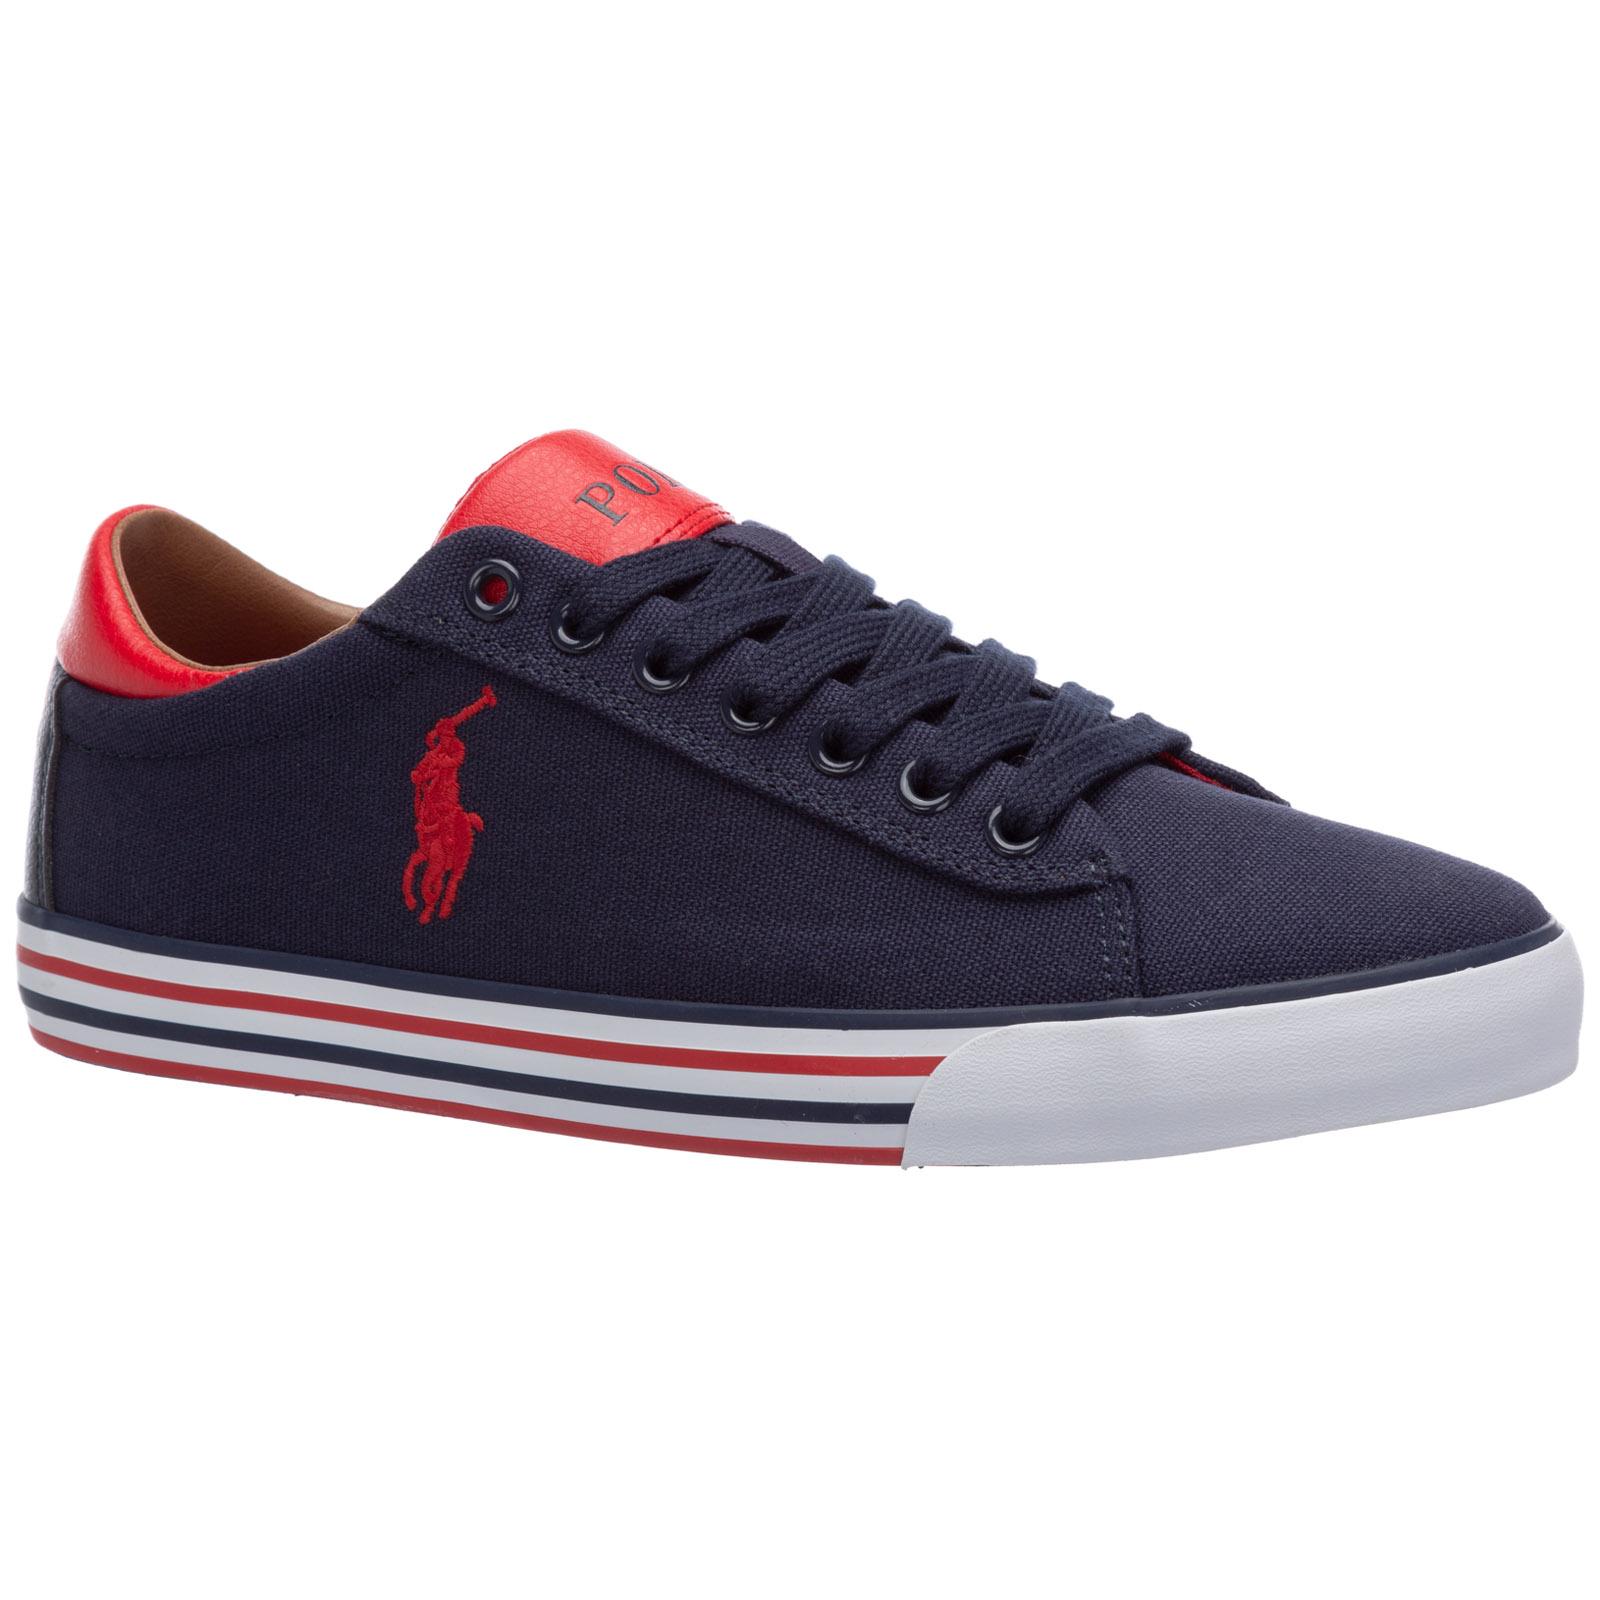 Herrenschuhe herren schuhe sneakers  harvey